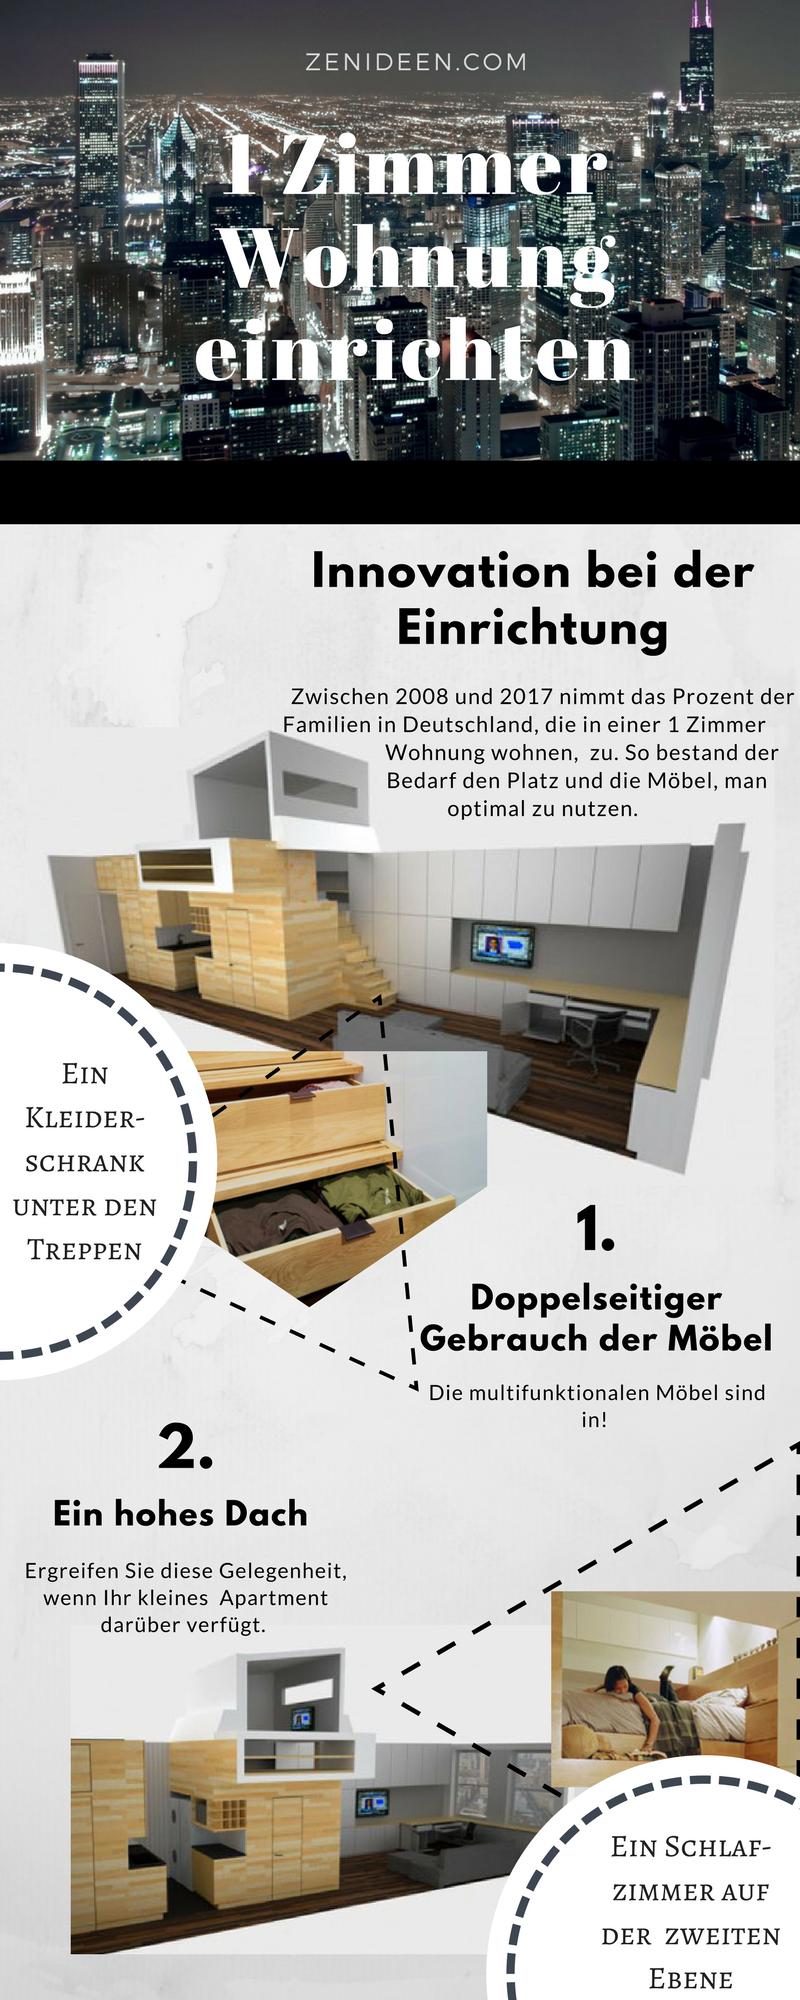 Die Möbel haben einen doppelseitigen Gebrauch, wenn Sie 1 Zimmer Wohnung einrichten